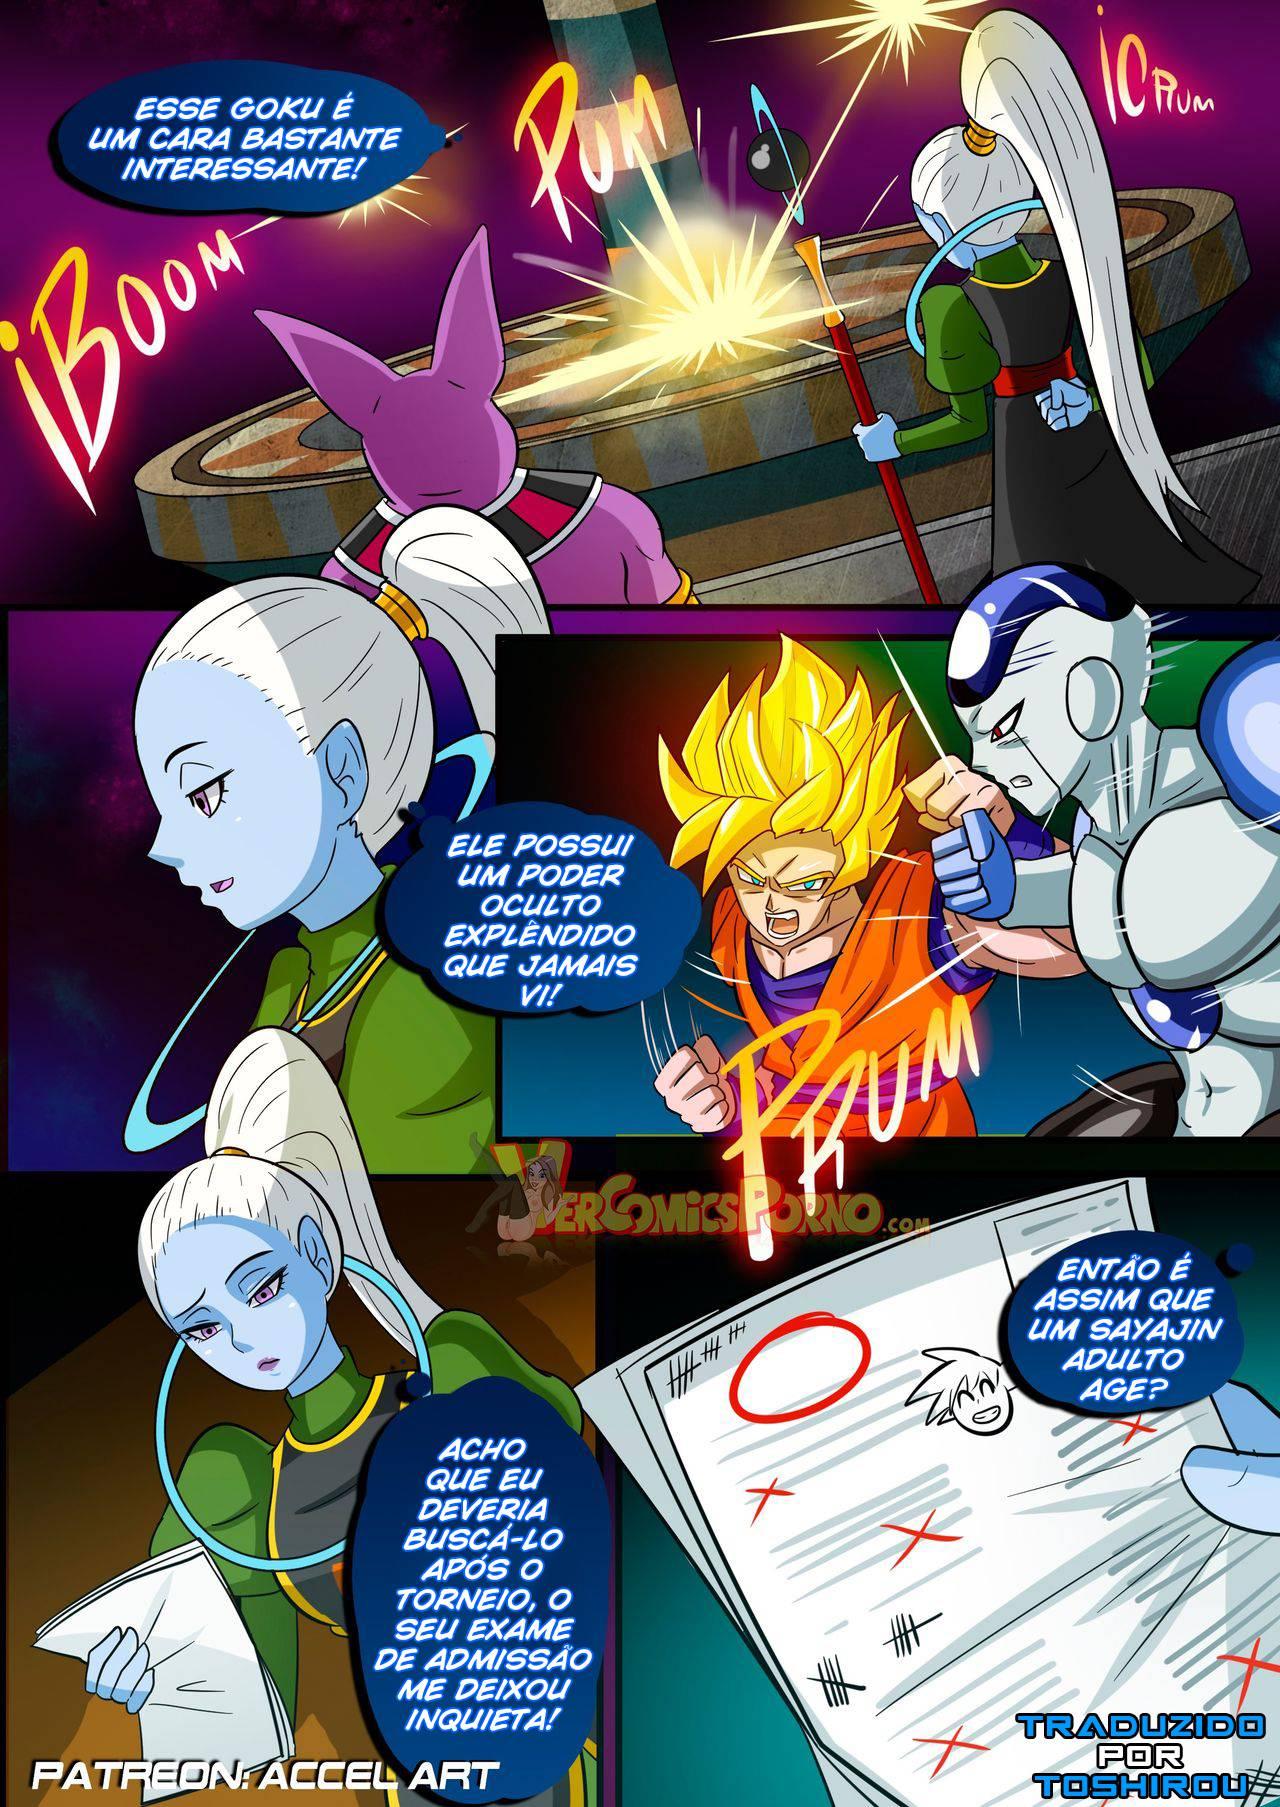 Dragon-Ball-Super-Treinamento-especial-de-Goku-2